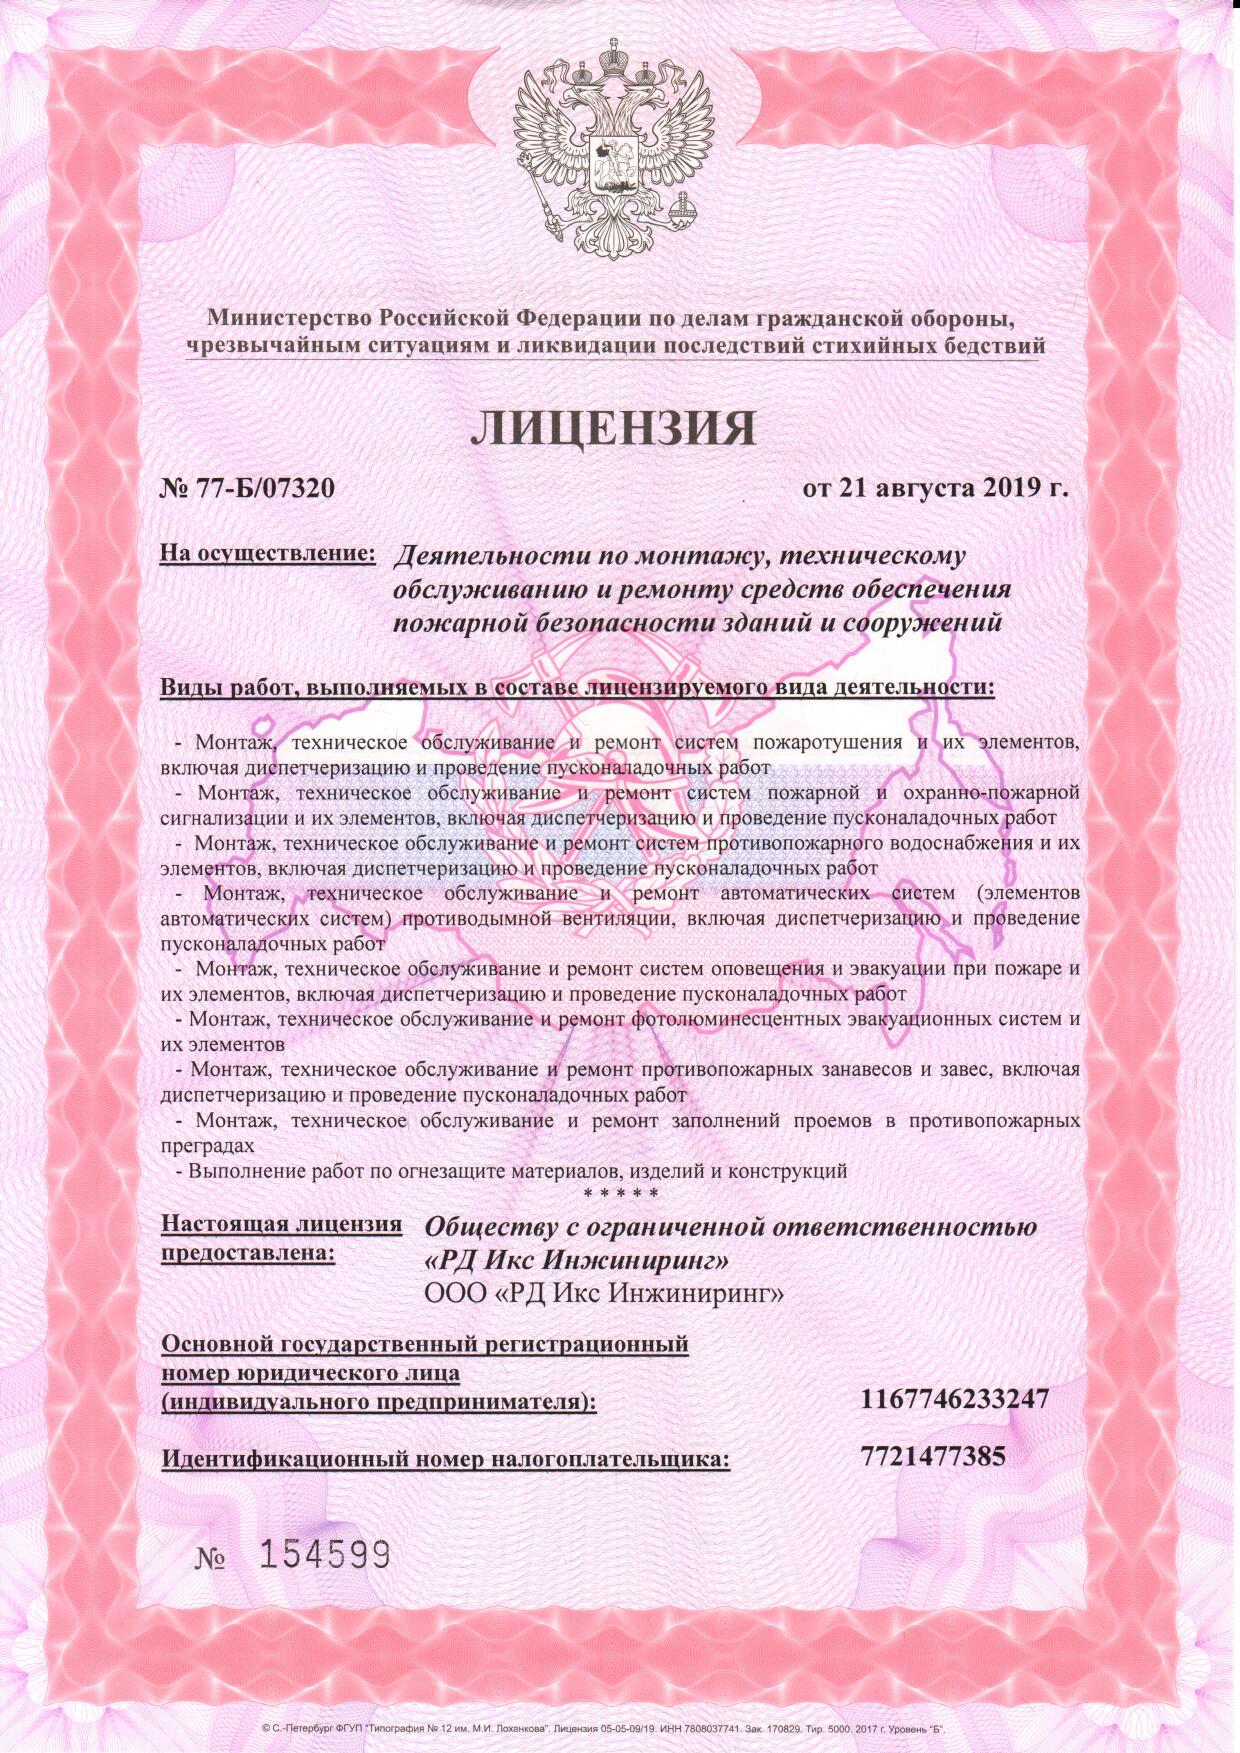 МЧС РД Икс Инж (1)